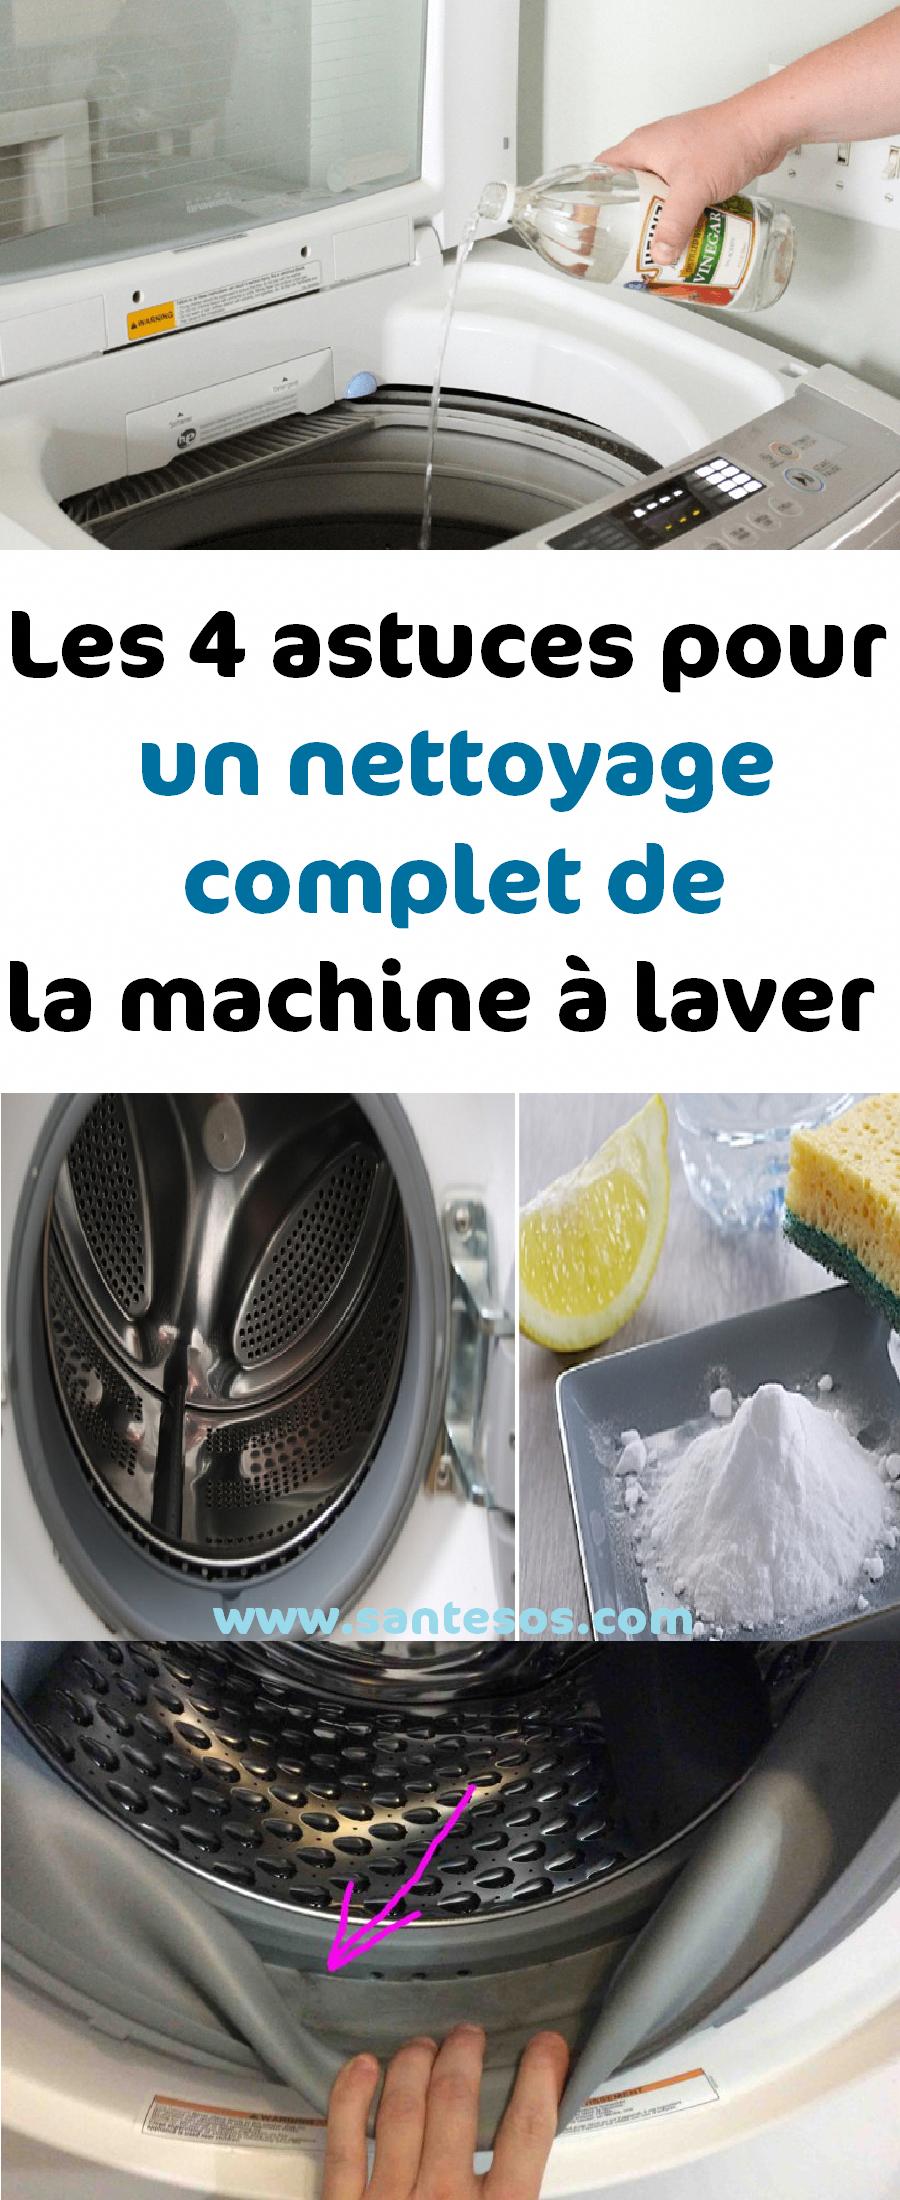 Nettoyage De La Machine À Laver les 4 astuces pour un nettoyage complet de la machine à